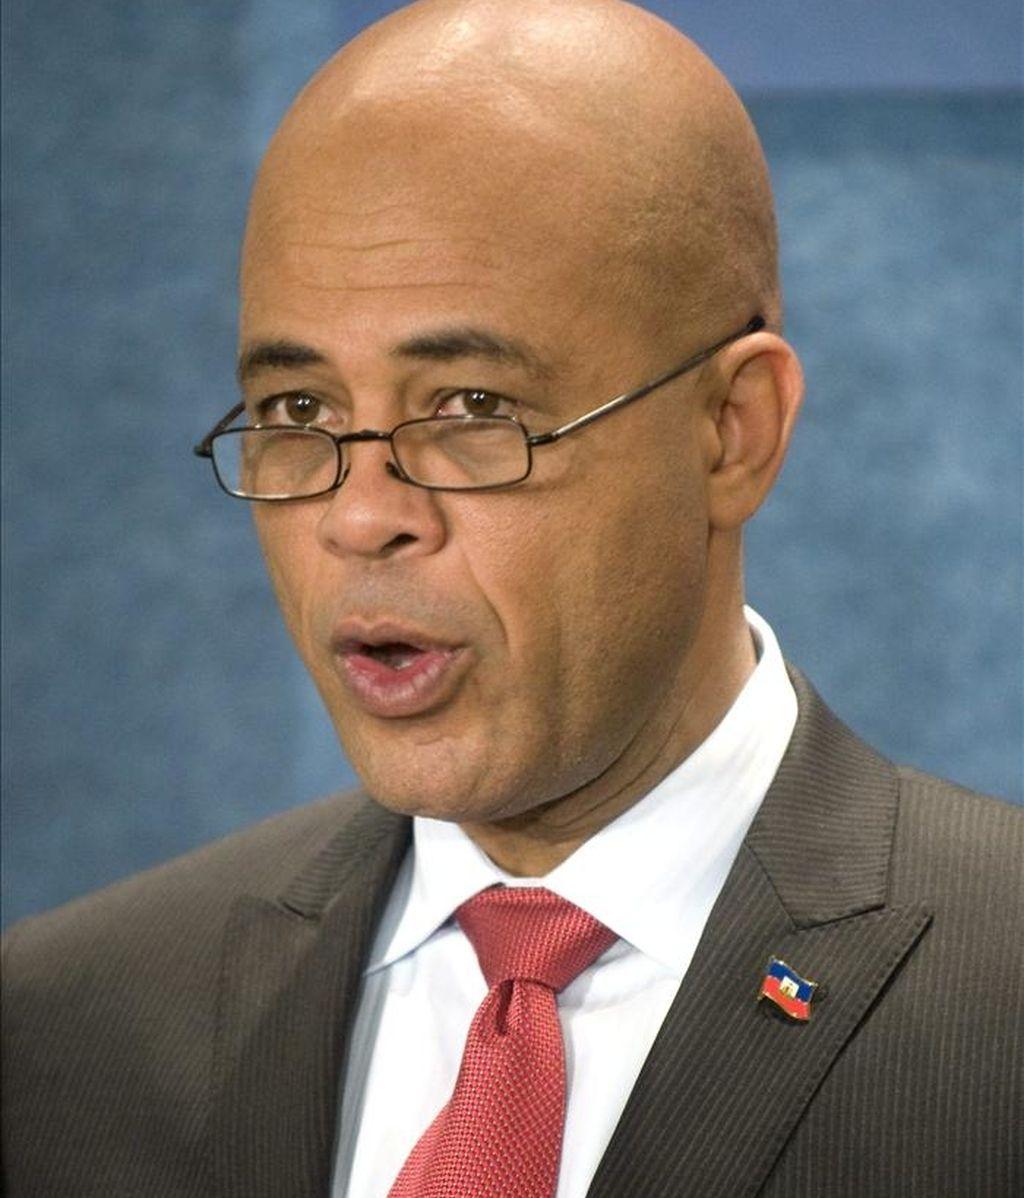 Imagen del presidente electo de Haití, el cantante Michel Martelly. EFE